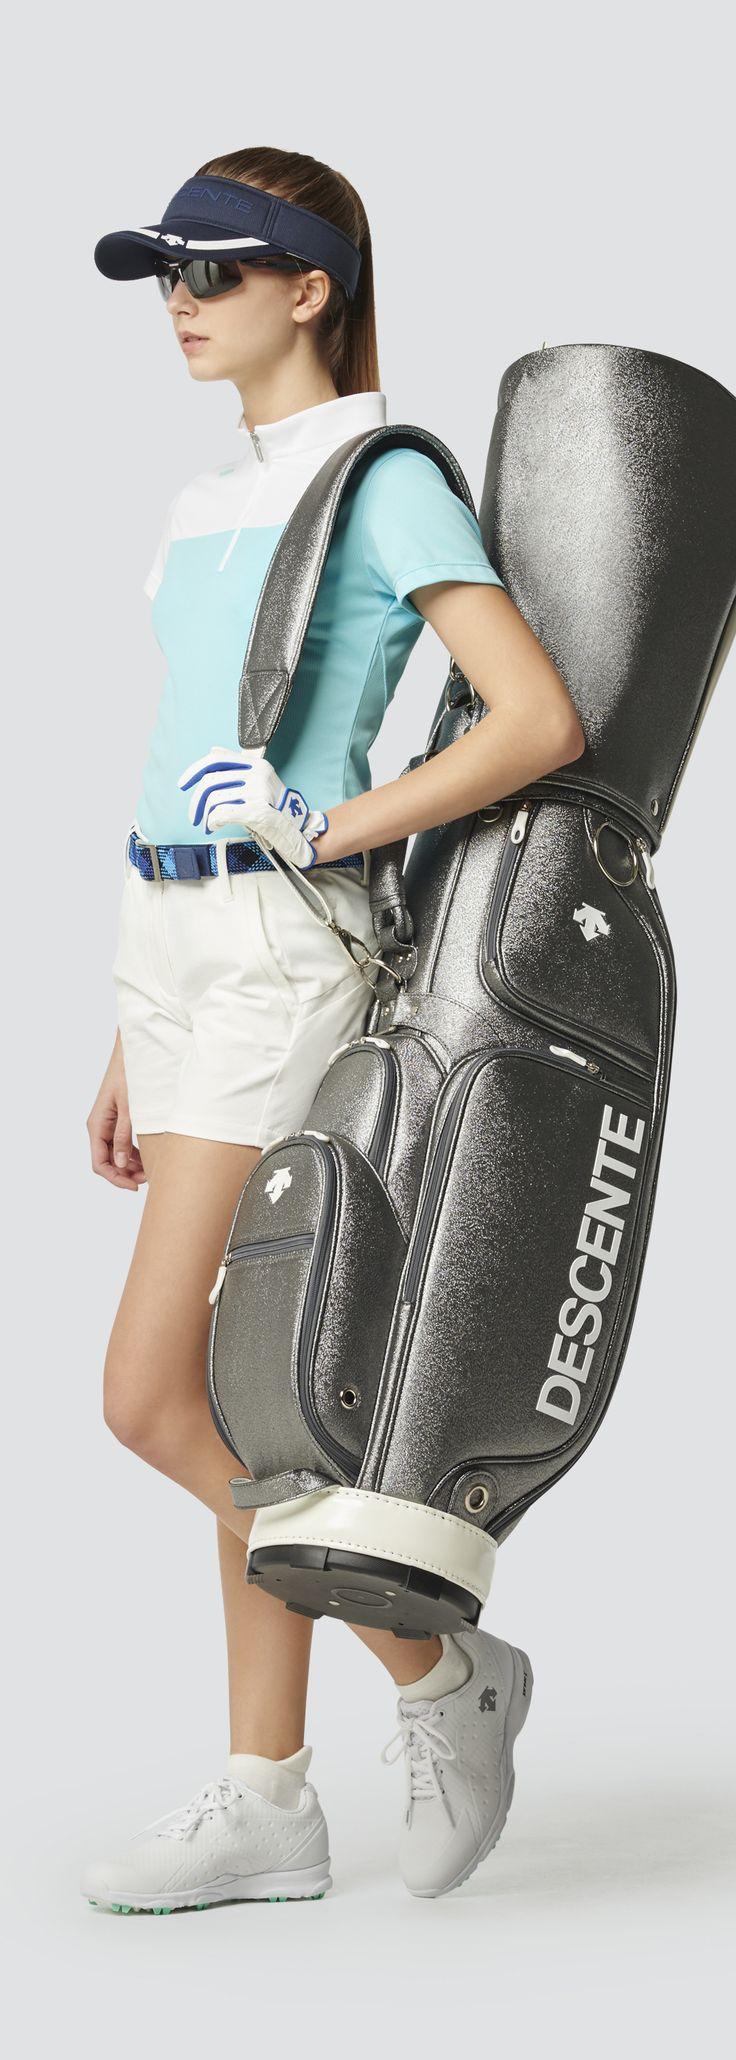 Descente Golf|キャディバッグ|デサントゴルフ|レディース キャディ